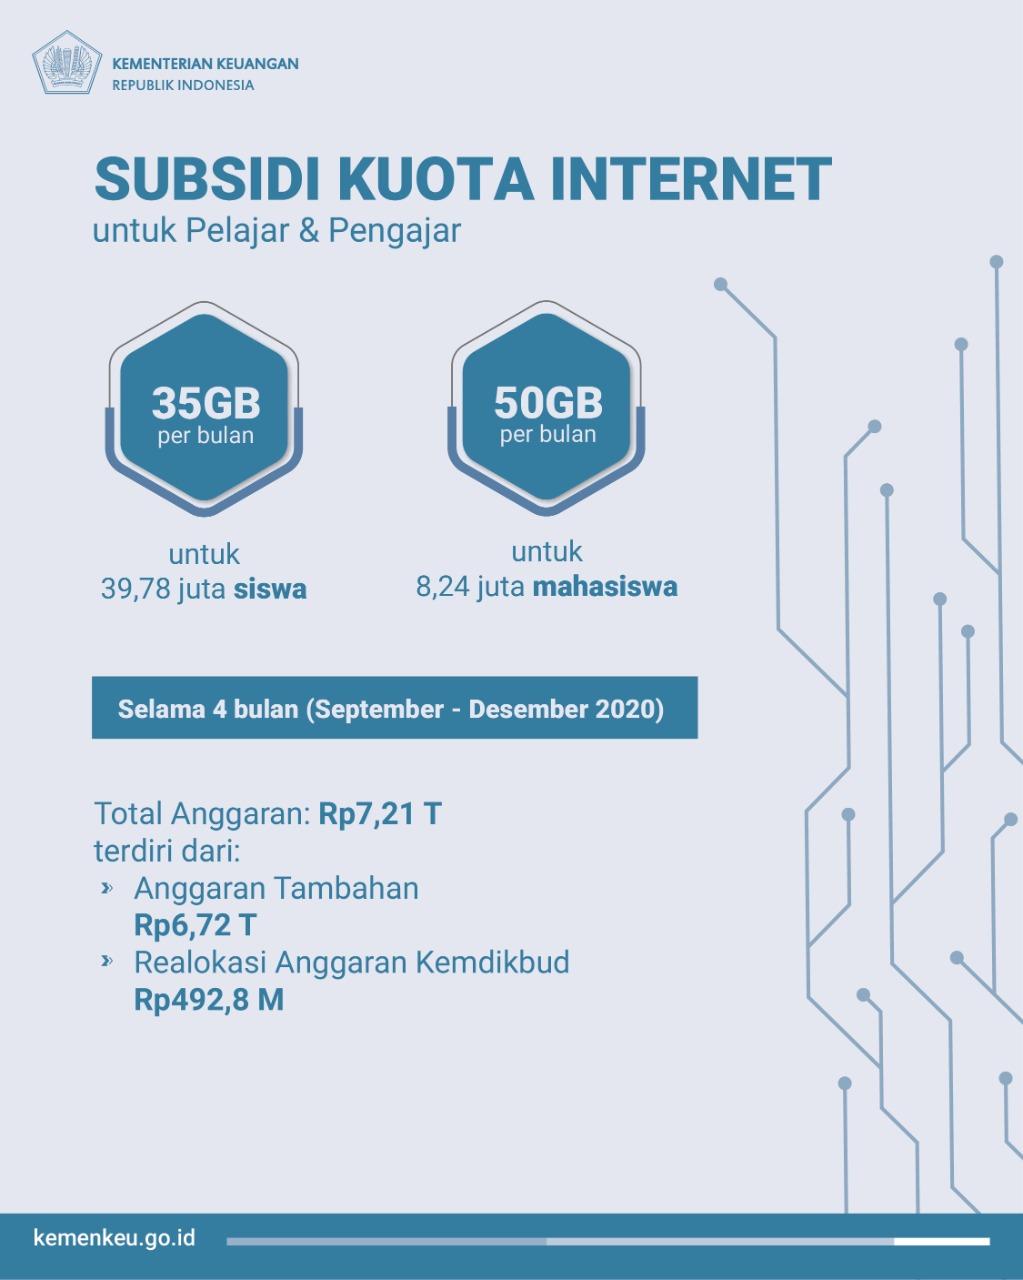 Subsidi Kuota Internet